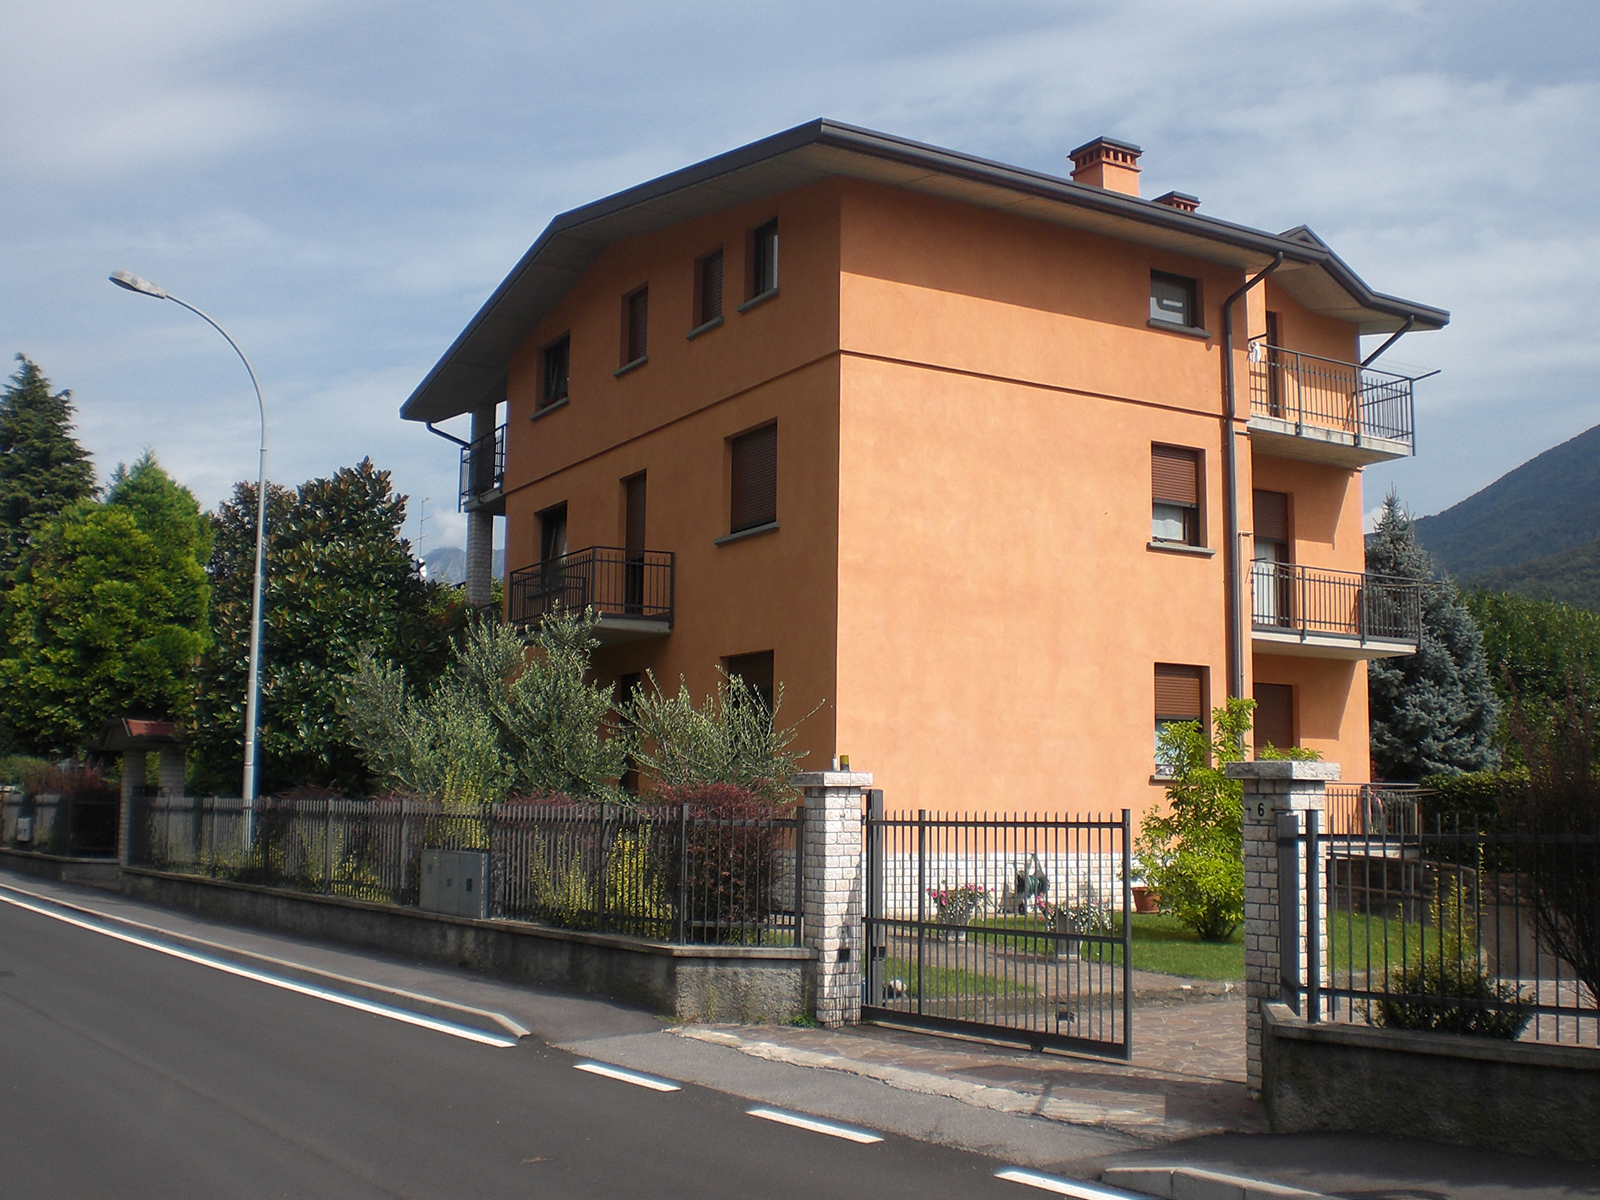 Studio-di-architettura-Baisotti-Sigala-prgetti74